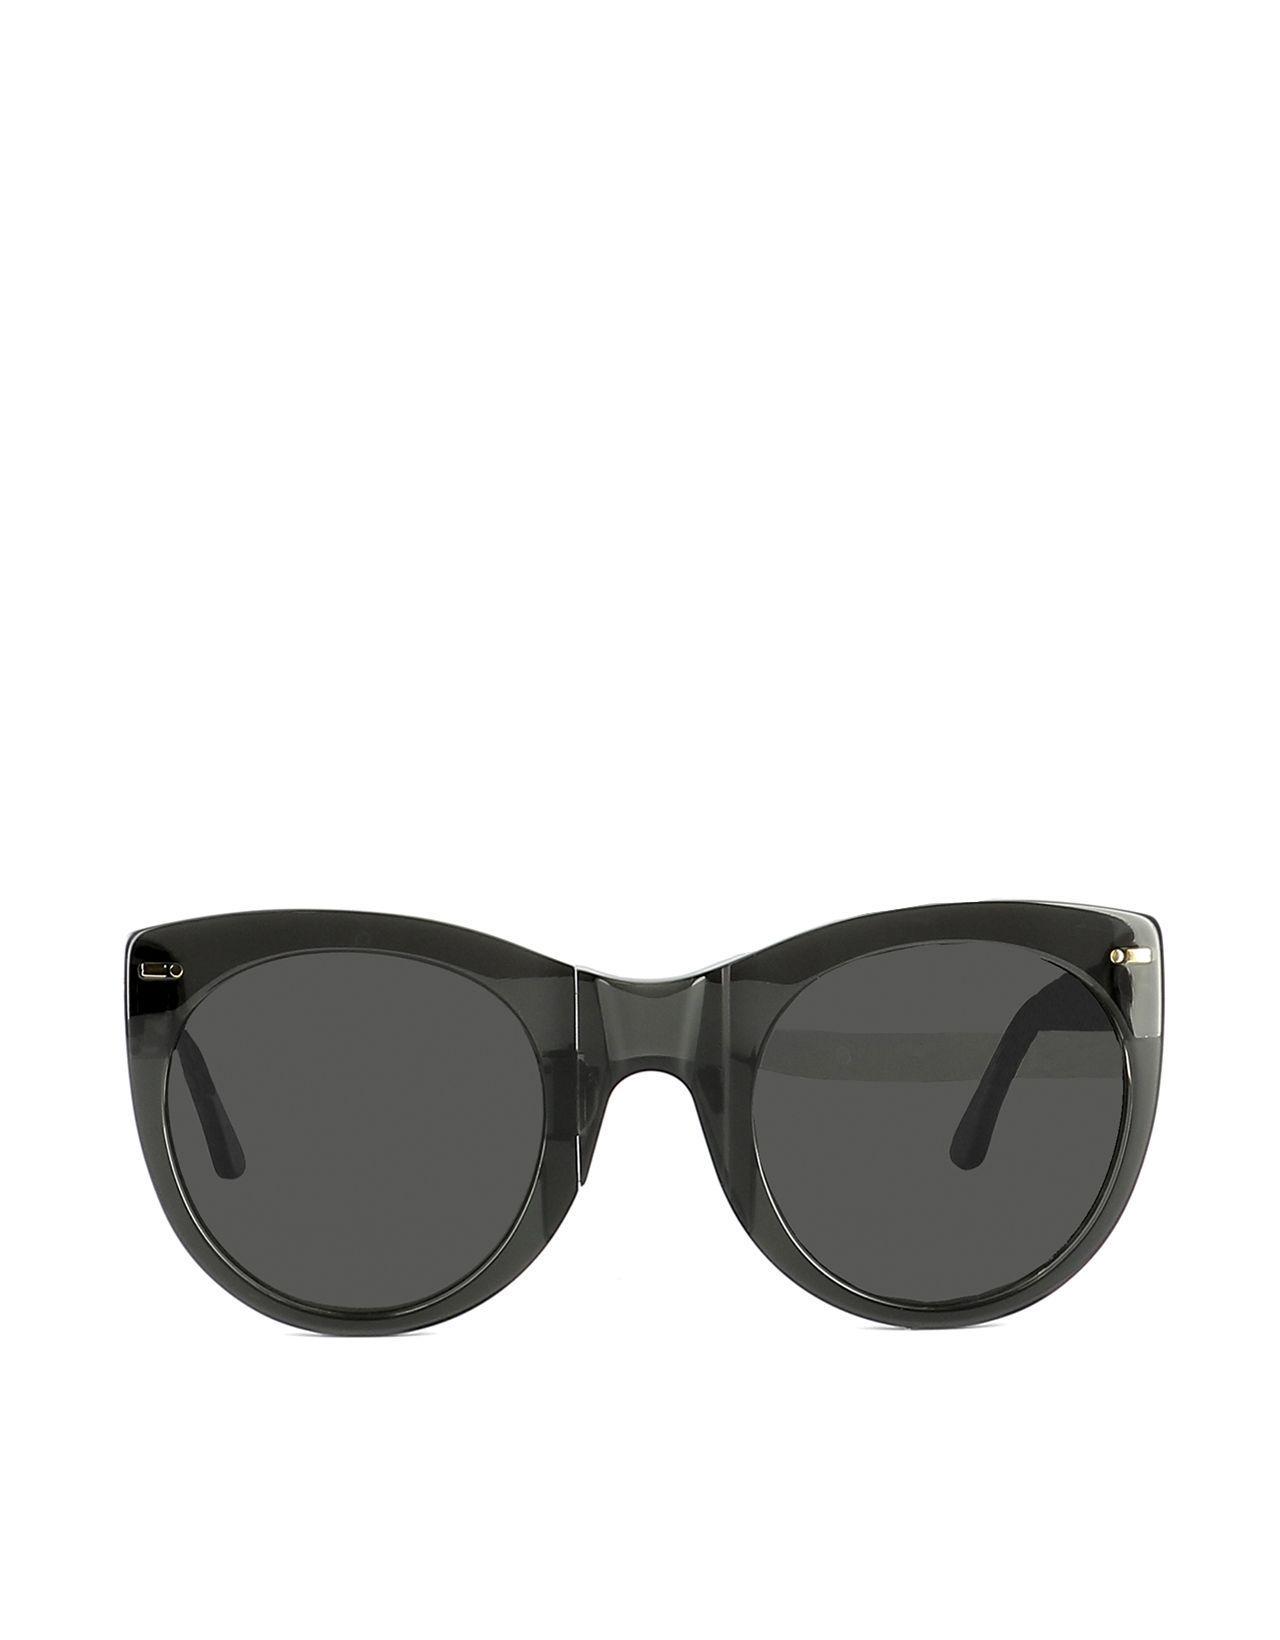 Movitra Sunglasses In Black